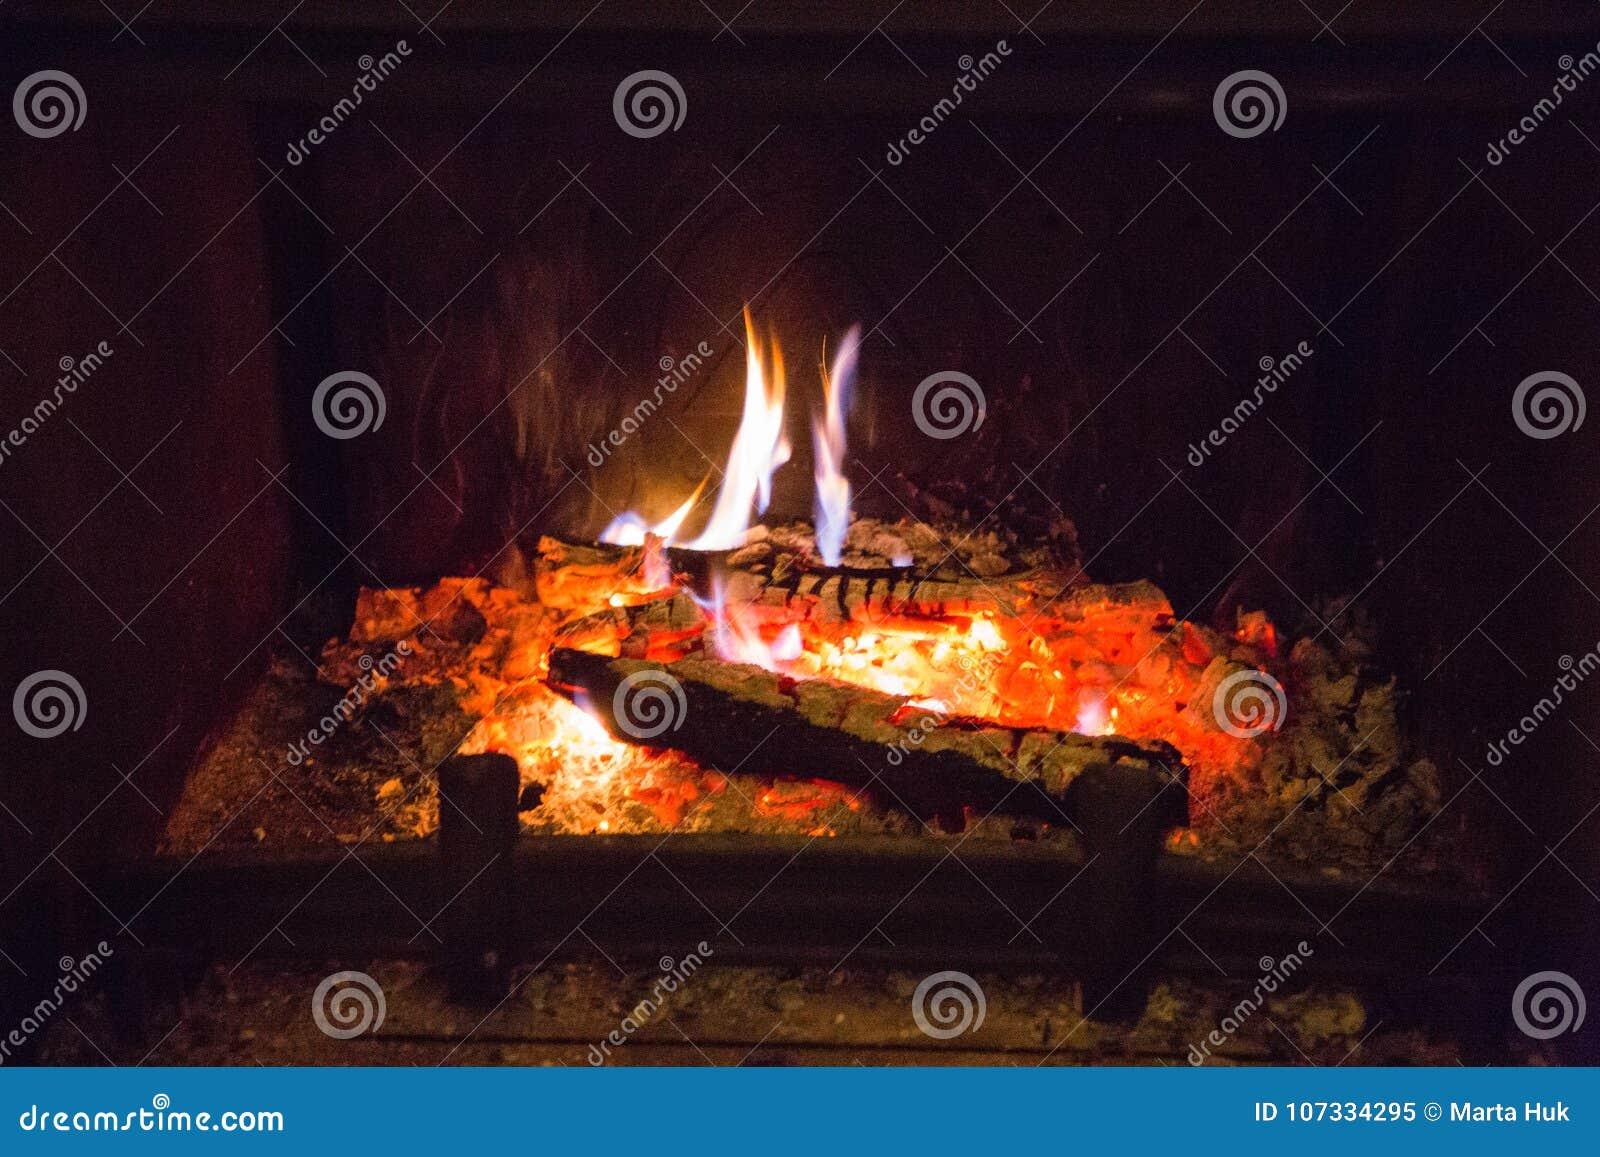 Feuerflammen mit Asche im Kamin